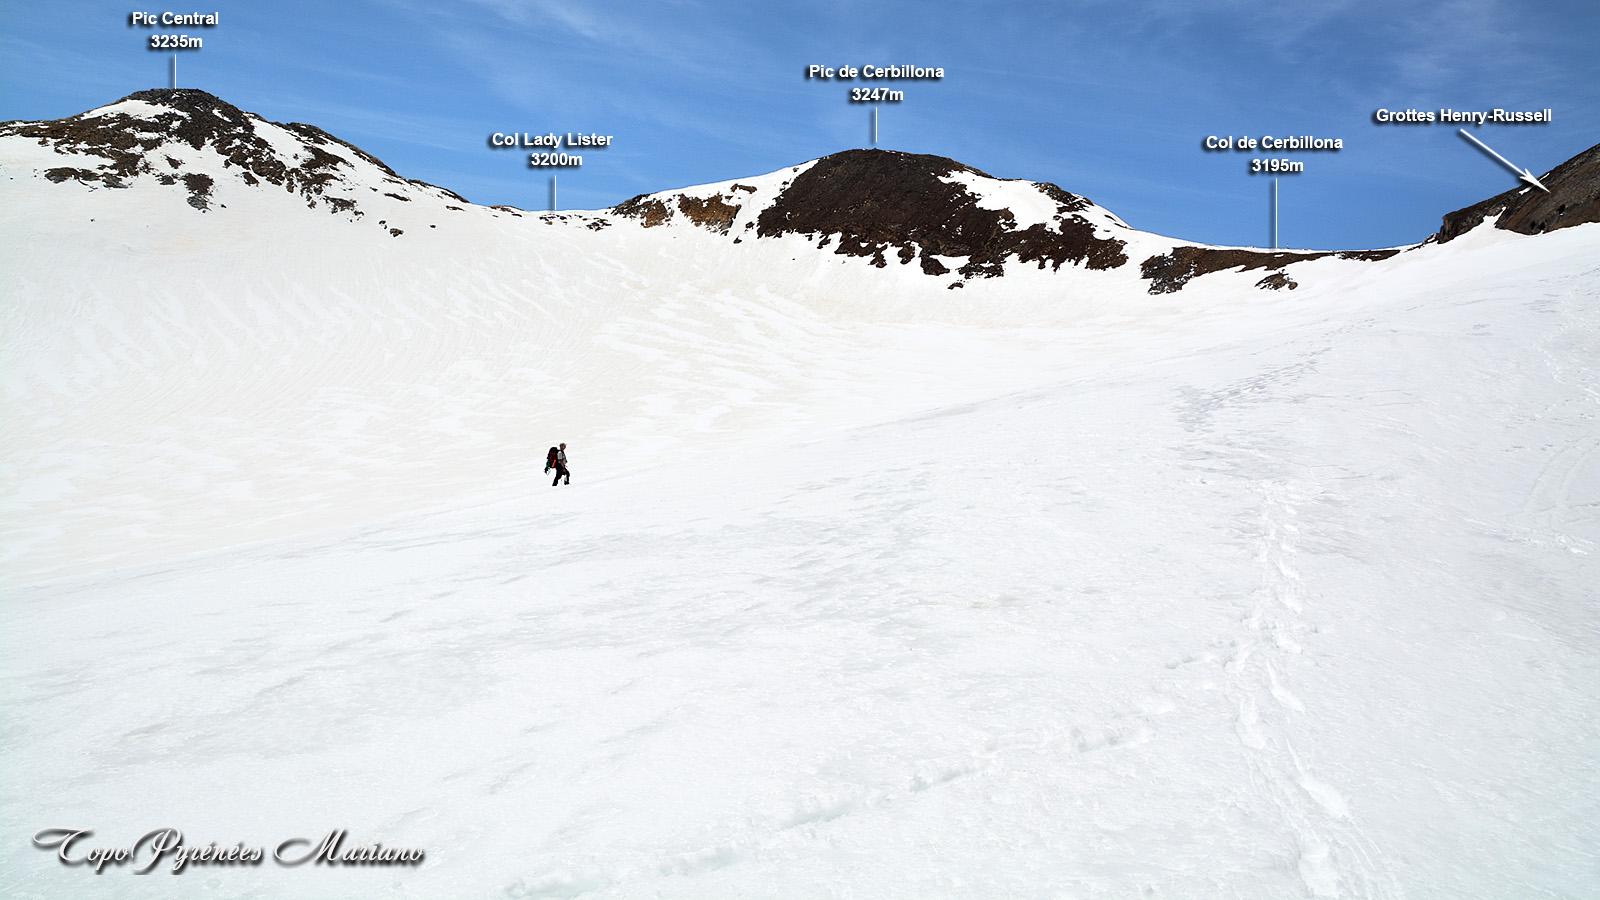 Randonnée Col de Cerbillona (3195m) Pic de Cerbillona (3247m) et Pic Central (3235m)